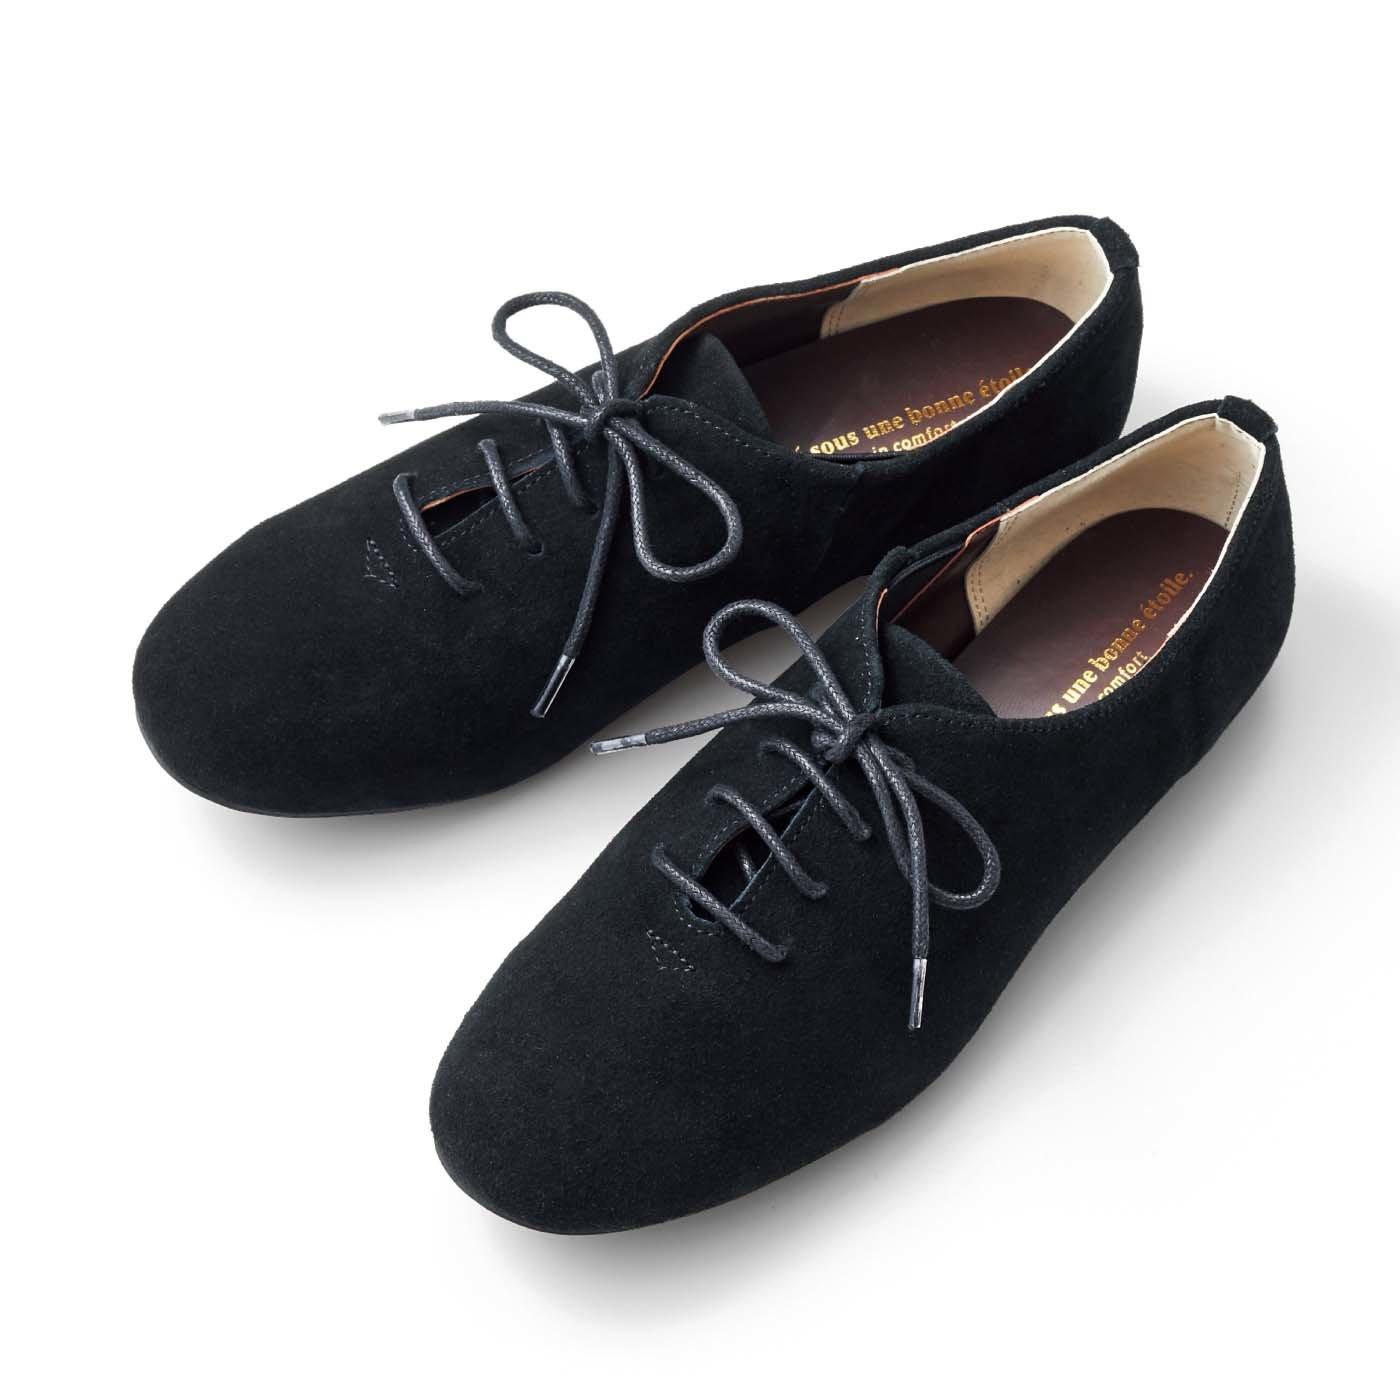 リブ イン コンフォート 履くほどに足になじむ 相棒みたいな本革ドレスシューズ〈ブラック〉